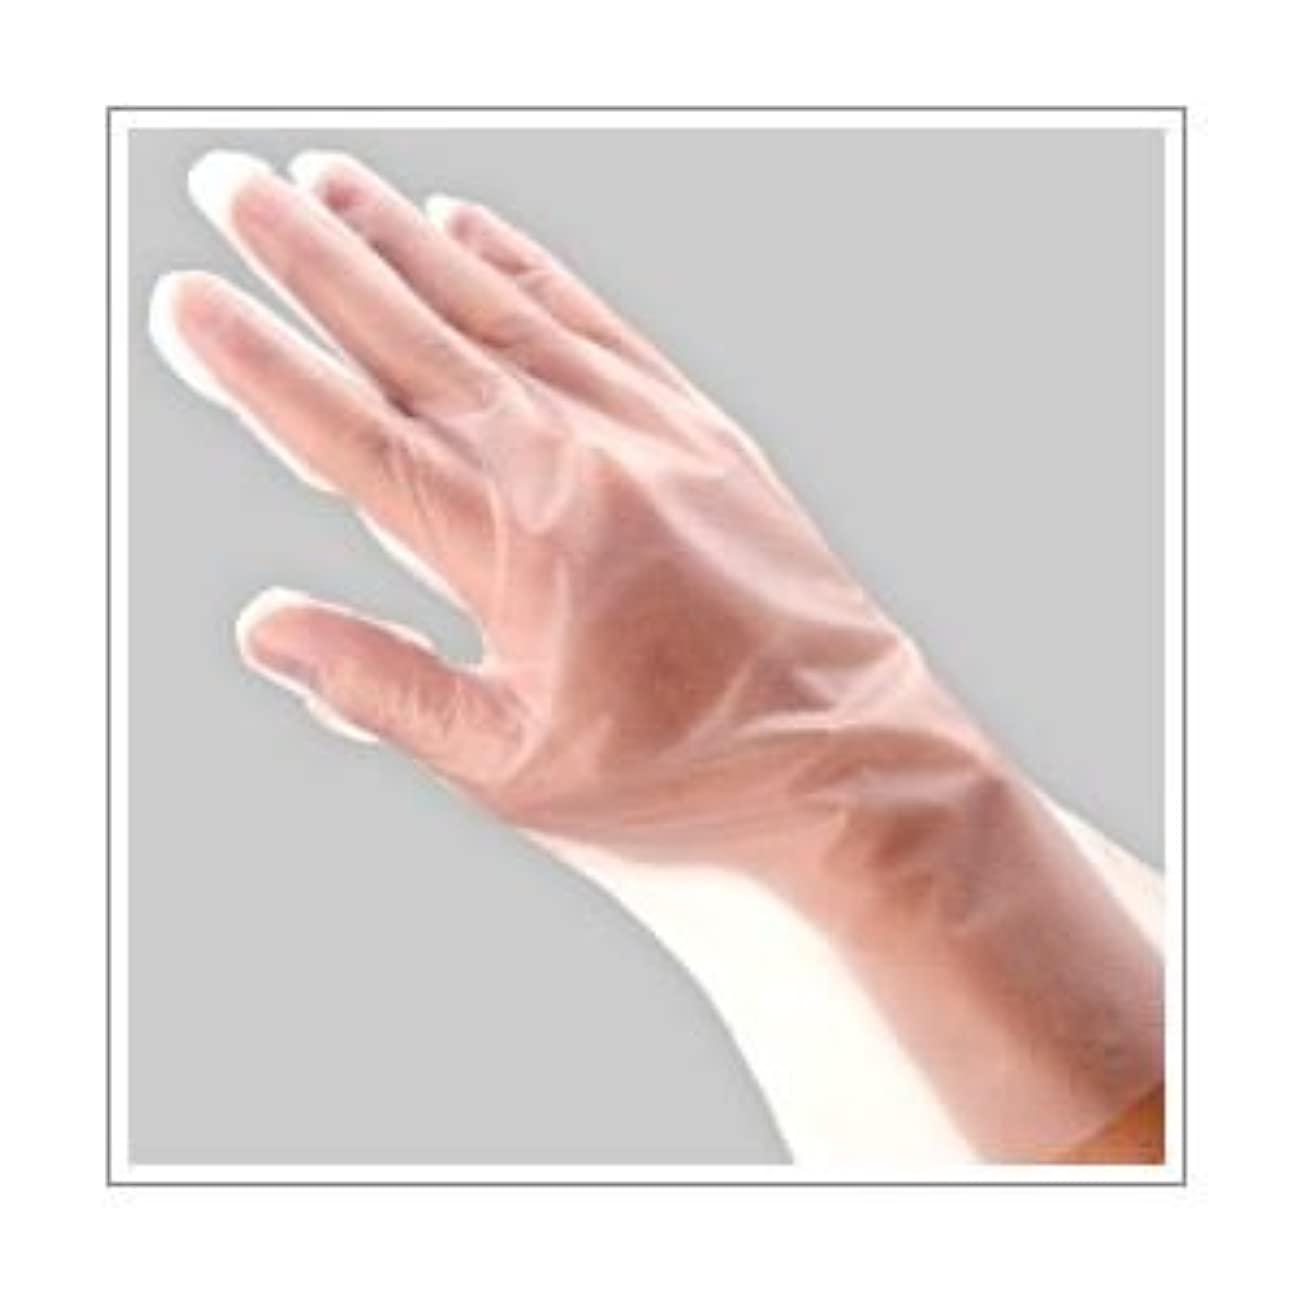 尋ねる賢明な極小福助工業 ポリ手袋 指フィット 100枚パック L ×10セット